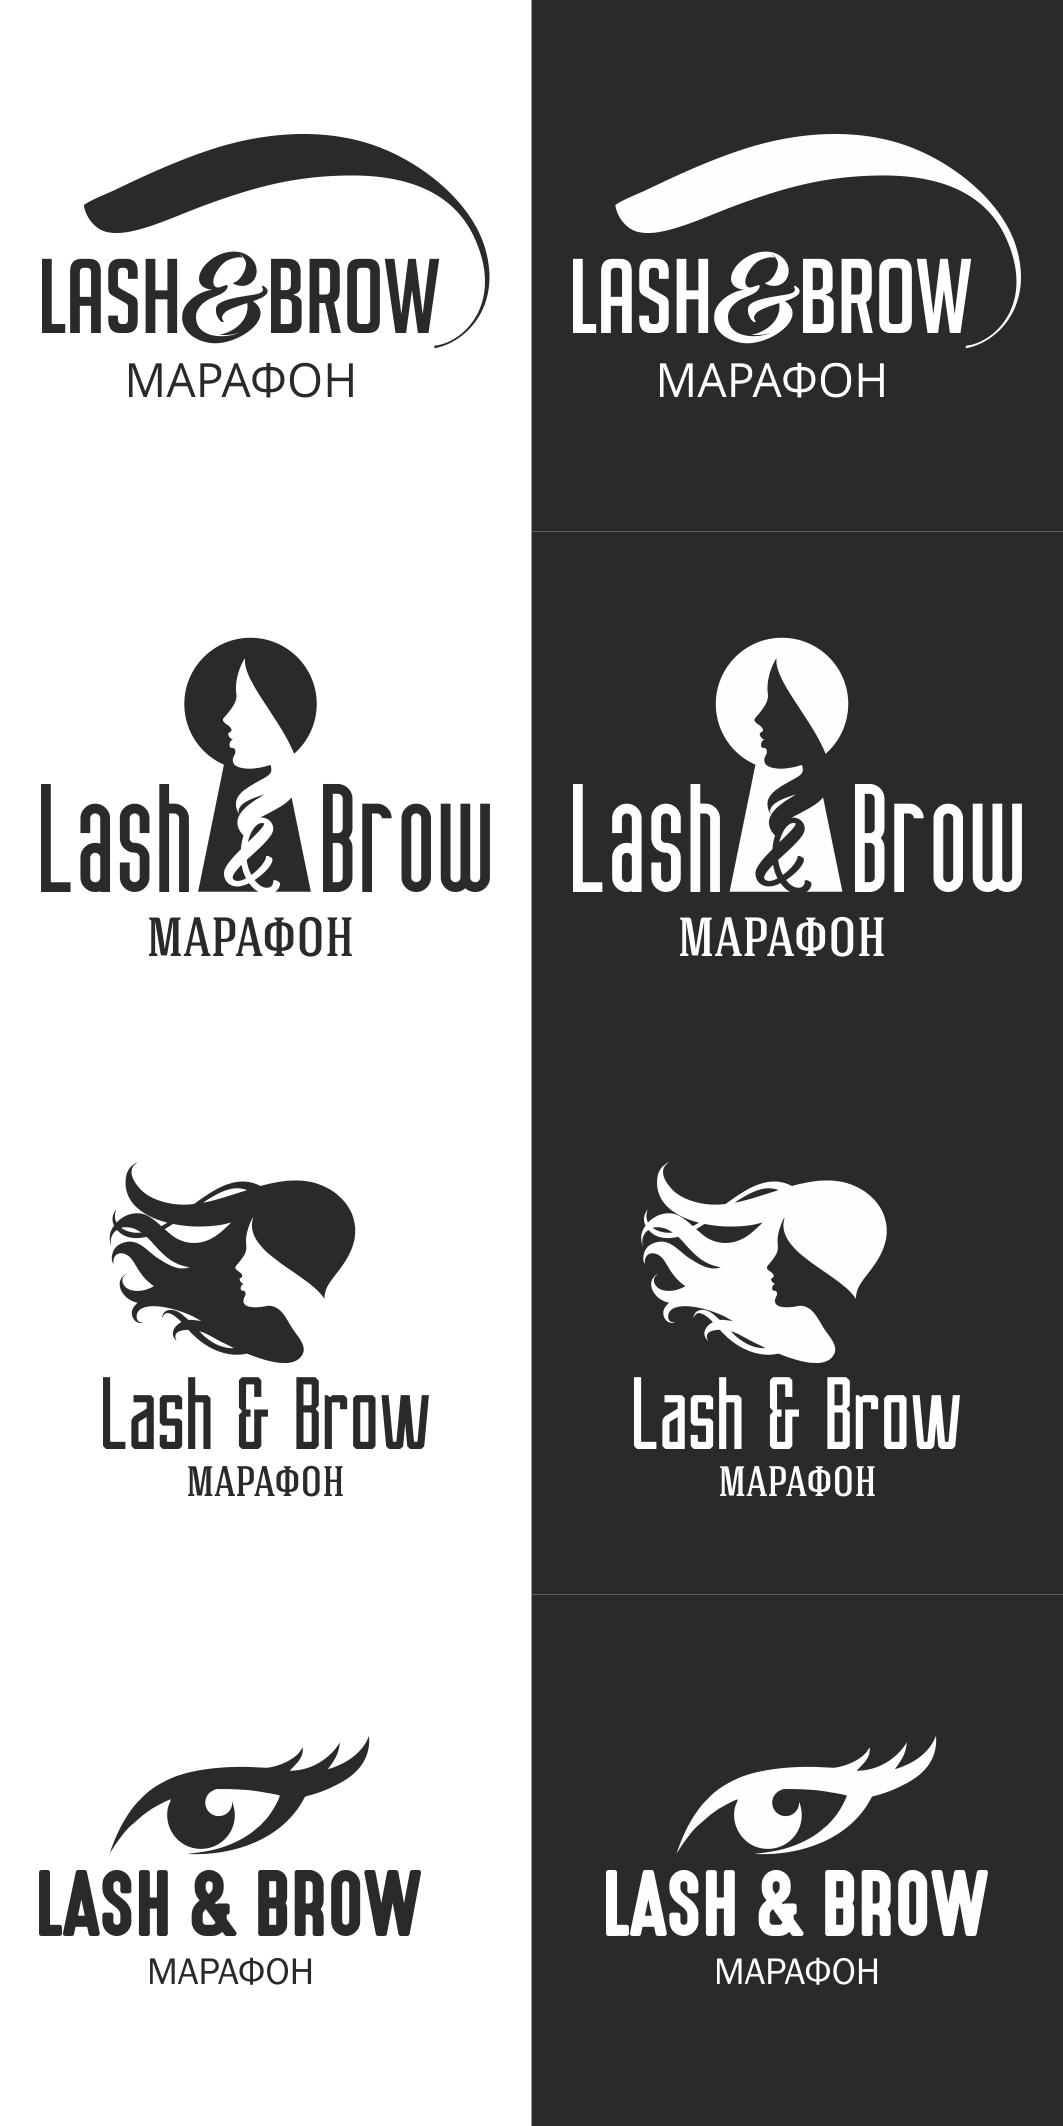 """Создание логотипа мероприятия """"Марафон Lash&Brow"""" фото f_54658f9008f7e71d.jpg"""